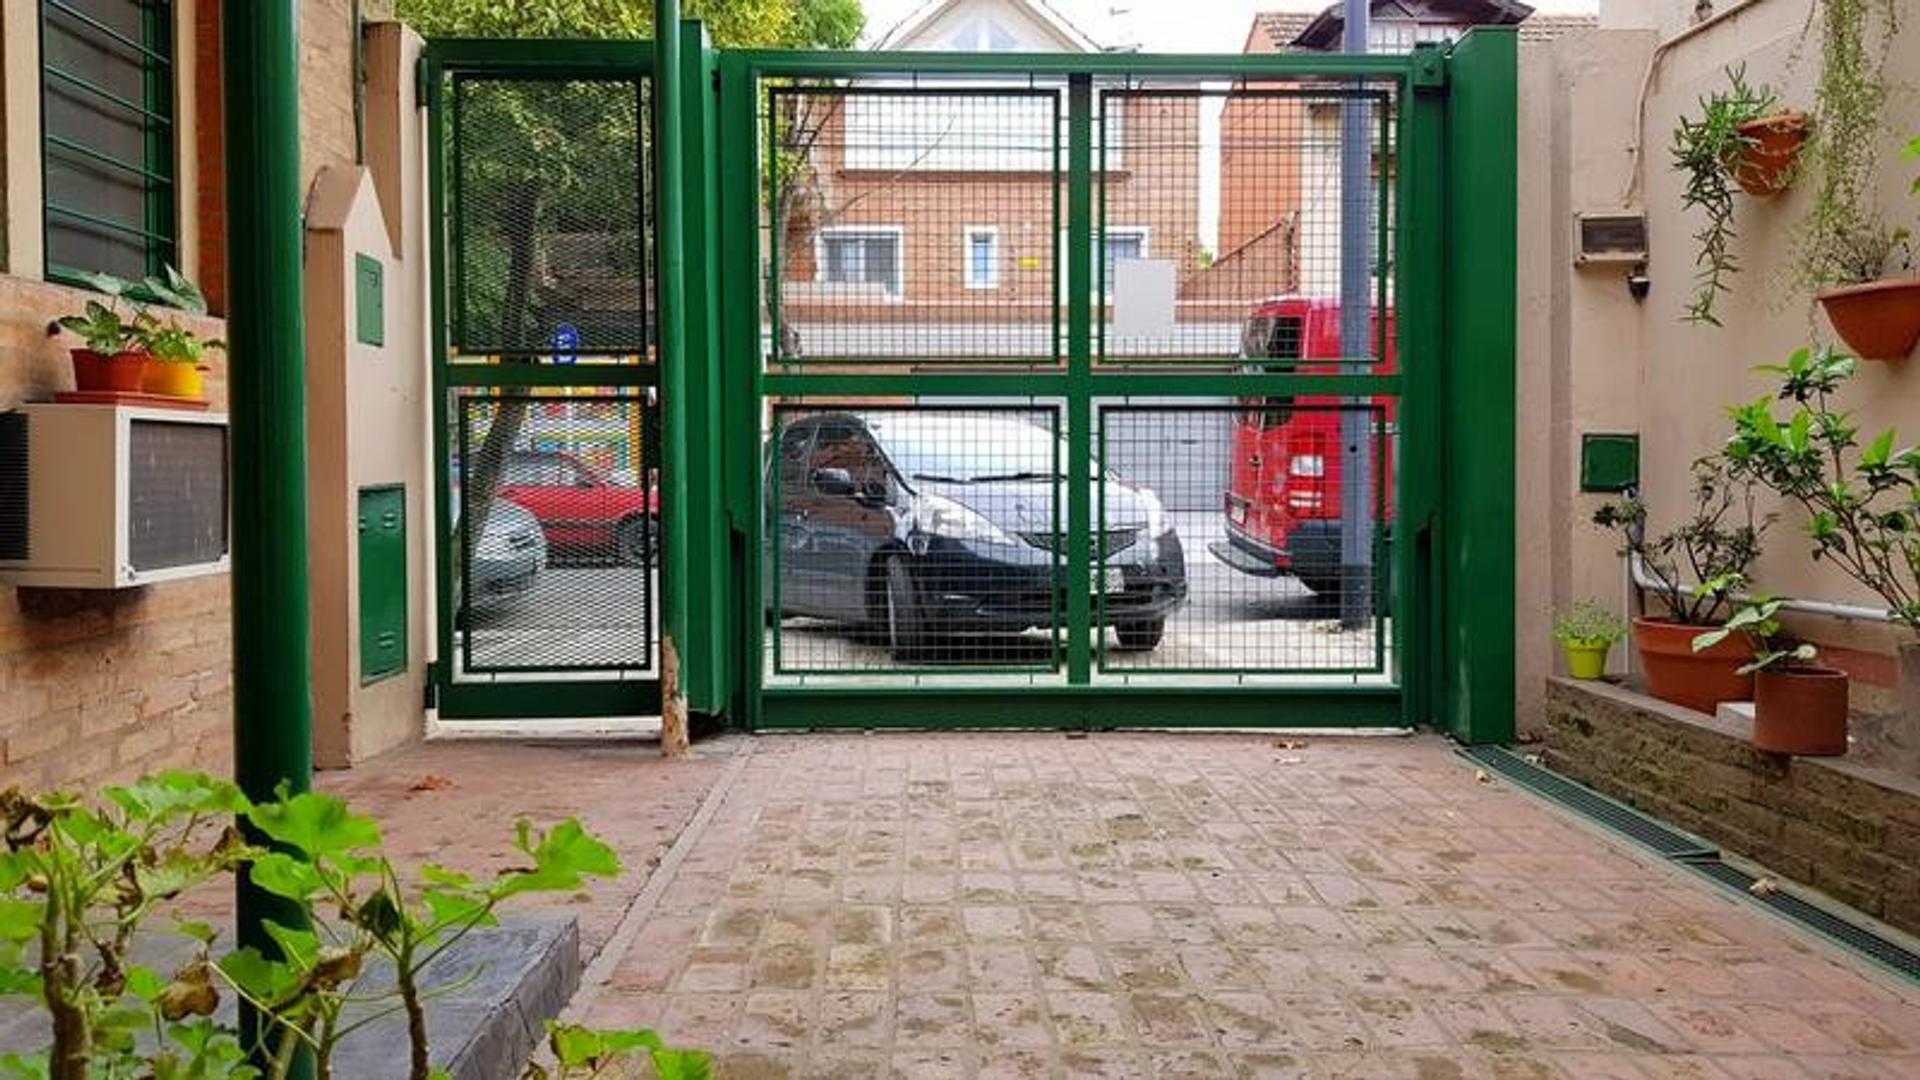 Casa en Nuñez - 4 dormitorios - Jardín - Piscina - Garage